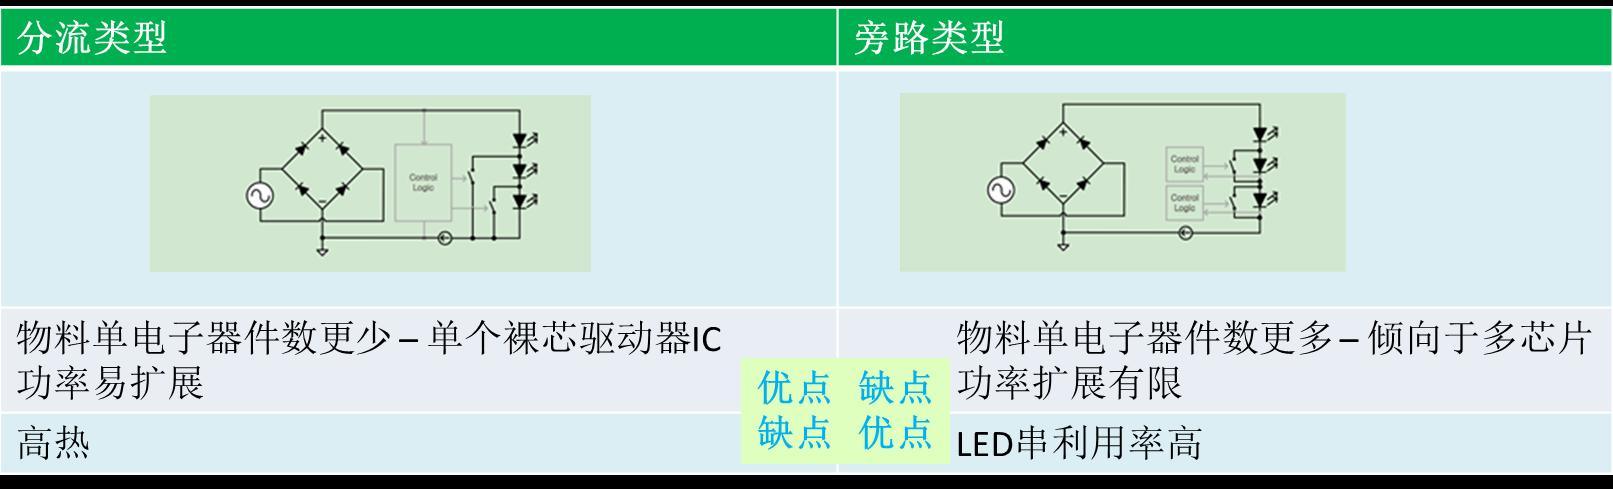 驱动 LED 的好法子